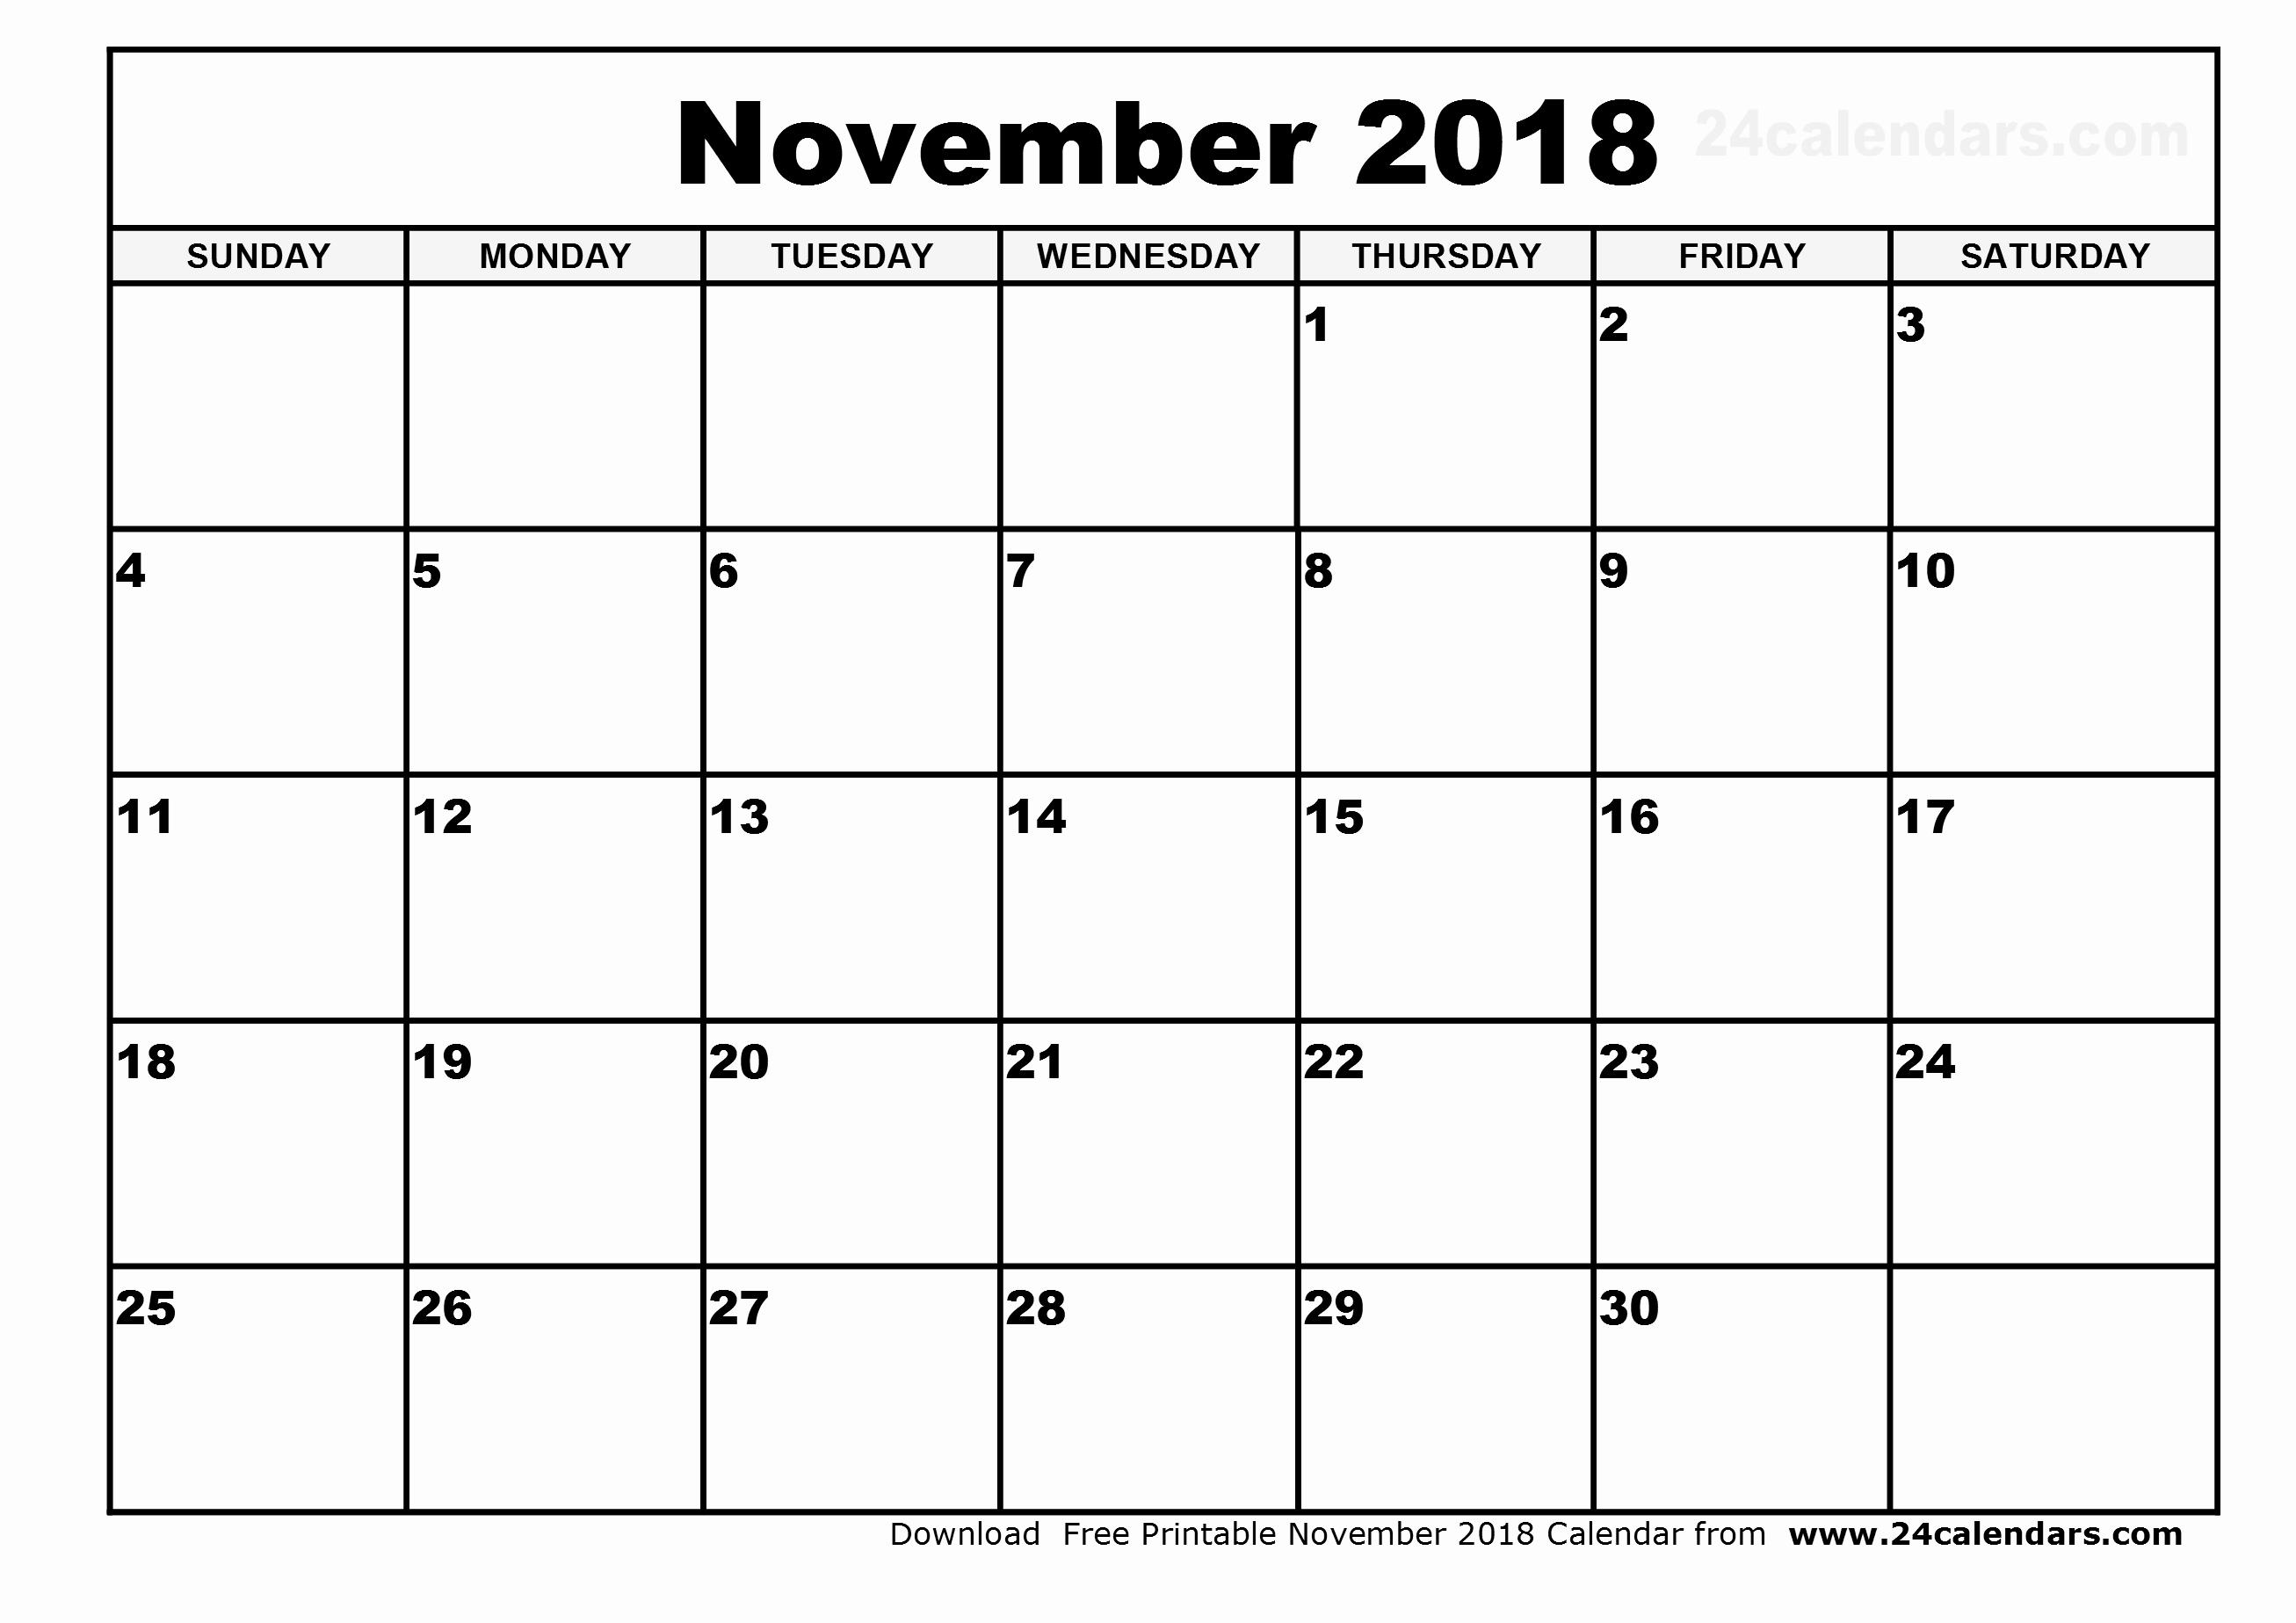 November 2018 Calendar Maha Laxmi